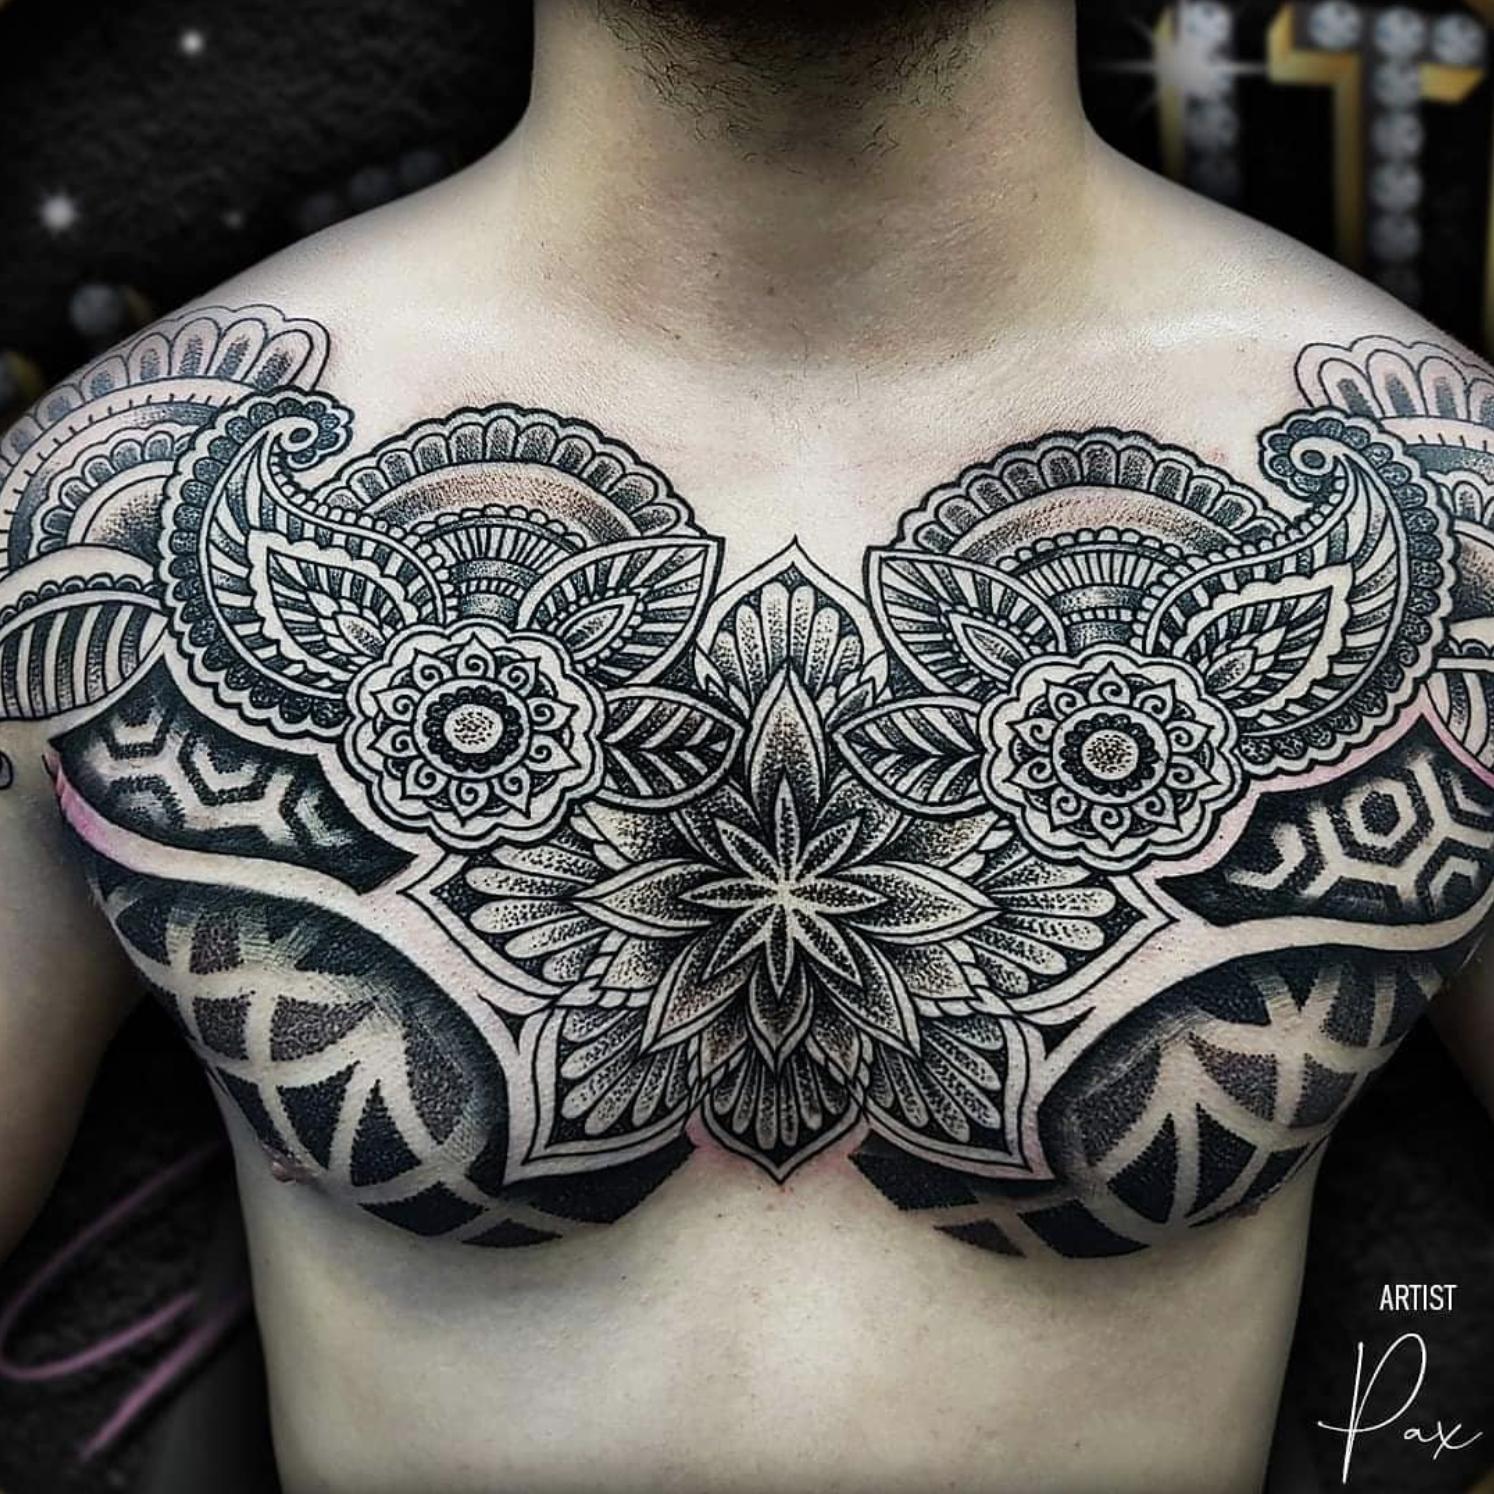 Tattoo By Pax Chest Piece Tattoos Geometric Tattoo Chest Chest Tattoo Men